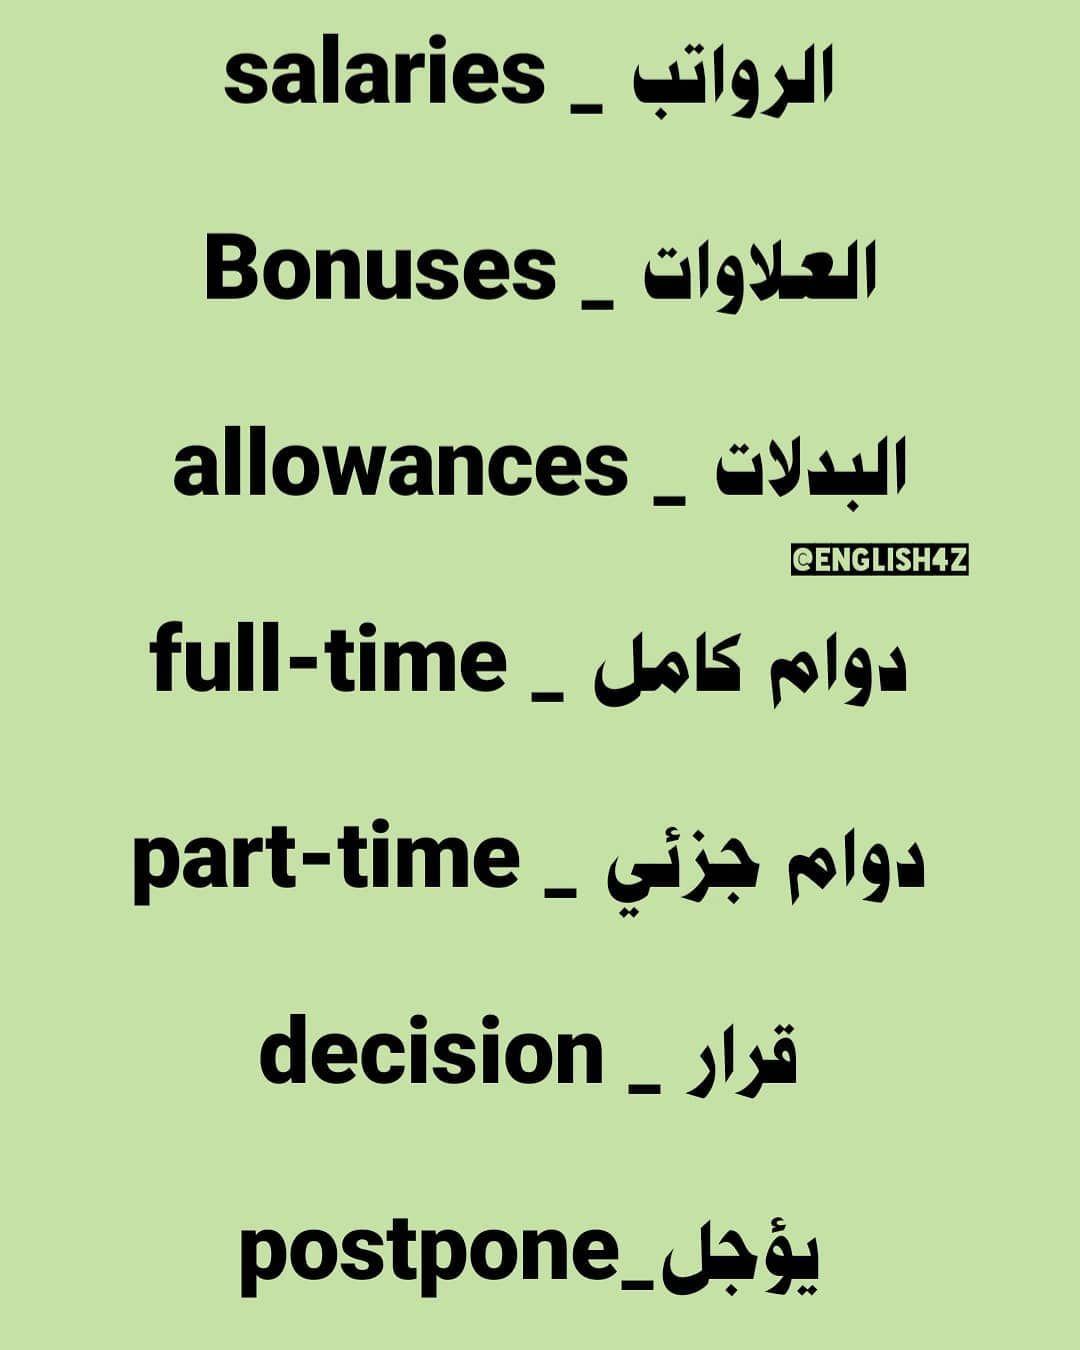 مرحبا بك لتعلم اللغة الانجليزية كلمات مترجمة صور انجليزي لغة عربية لغة انجليزية محتوى متنوع اقتباسات إنجليزية أخبار مترجمة ع Learn English Learning Math